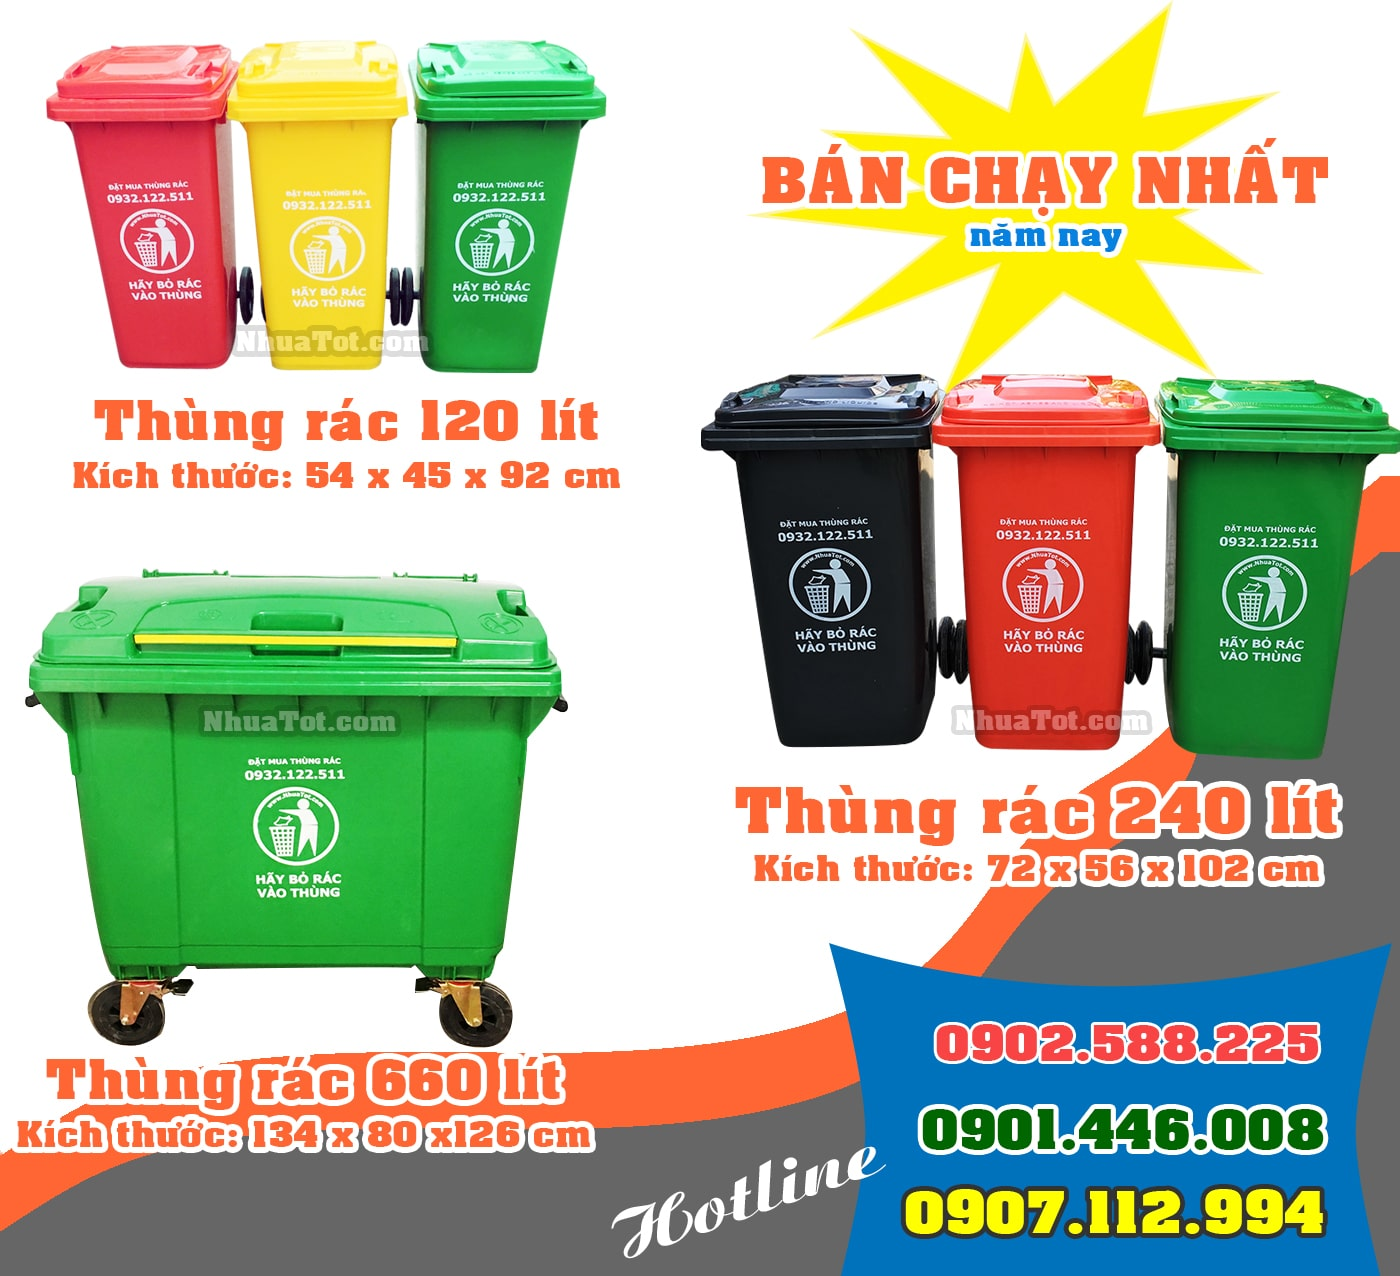 Thùng rác Nhựa Tốt